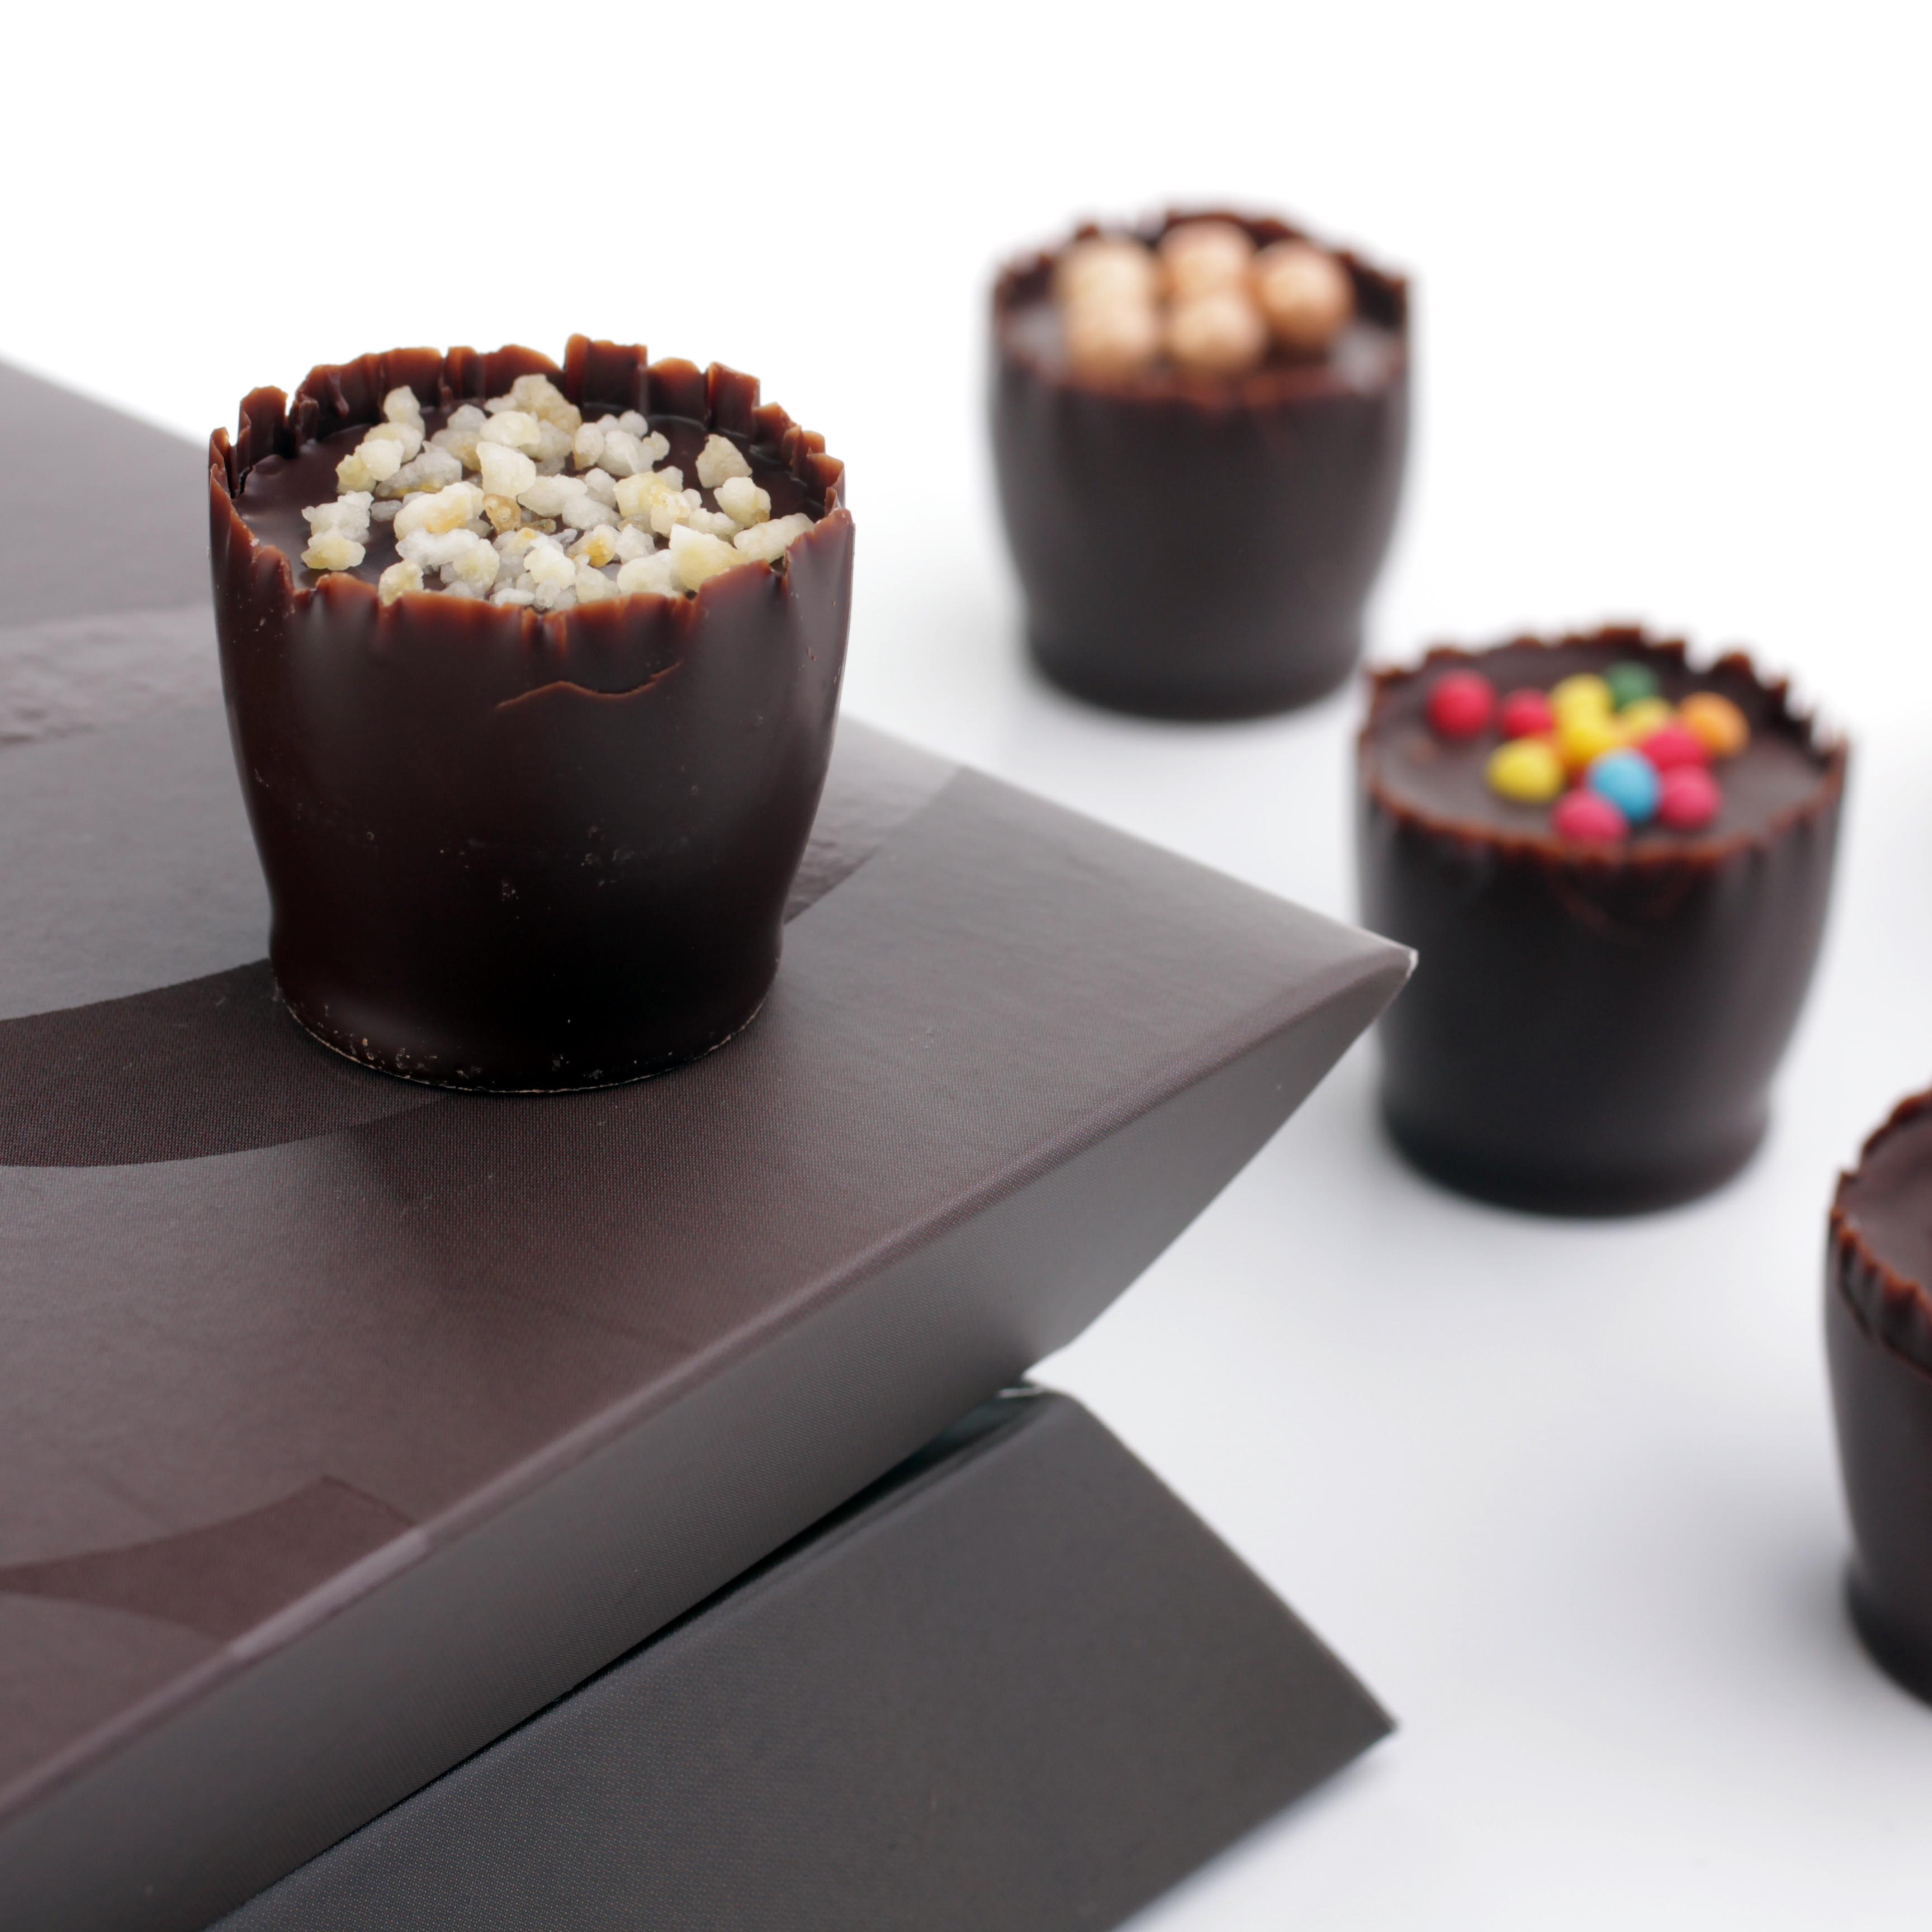 A csokoládé formáját és csomagolását 2013-ban terveztük. Feladatunk az volt, hogy - a kijelölt célközönség ízlésének megfelelően - szokatlan, mégis praktikus formába öntsük a különleges, kézzel készült édességeket. A termékpaletta folyamatosan bővül és a bonbonok már egész Európában kaphatók. A csomagolás 2014-ben Pro Typo díjat, 2015-ben pedig Magyar Termék Nagydíjat nyert.